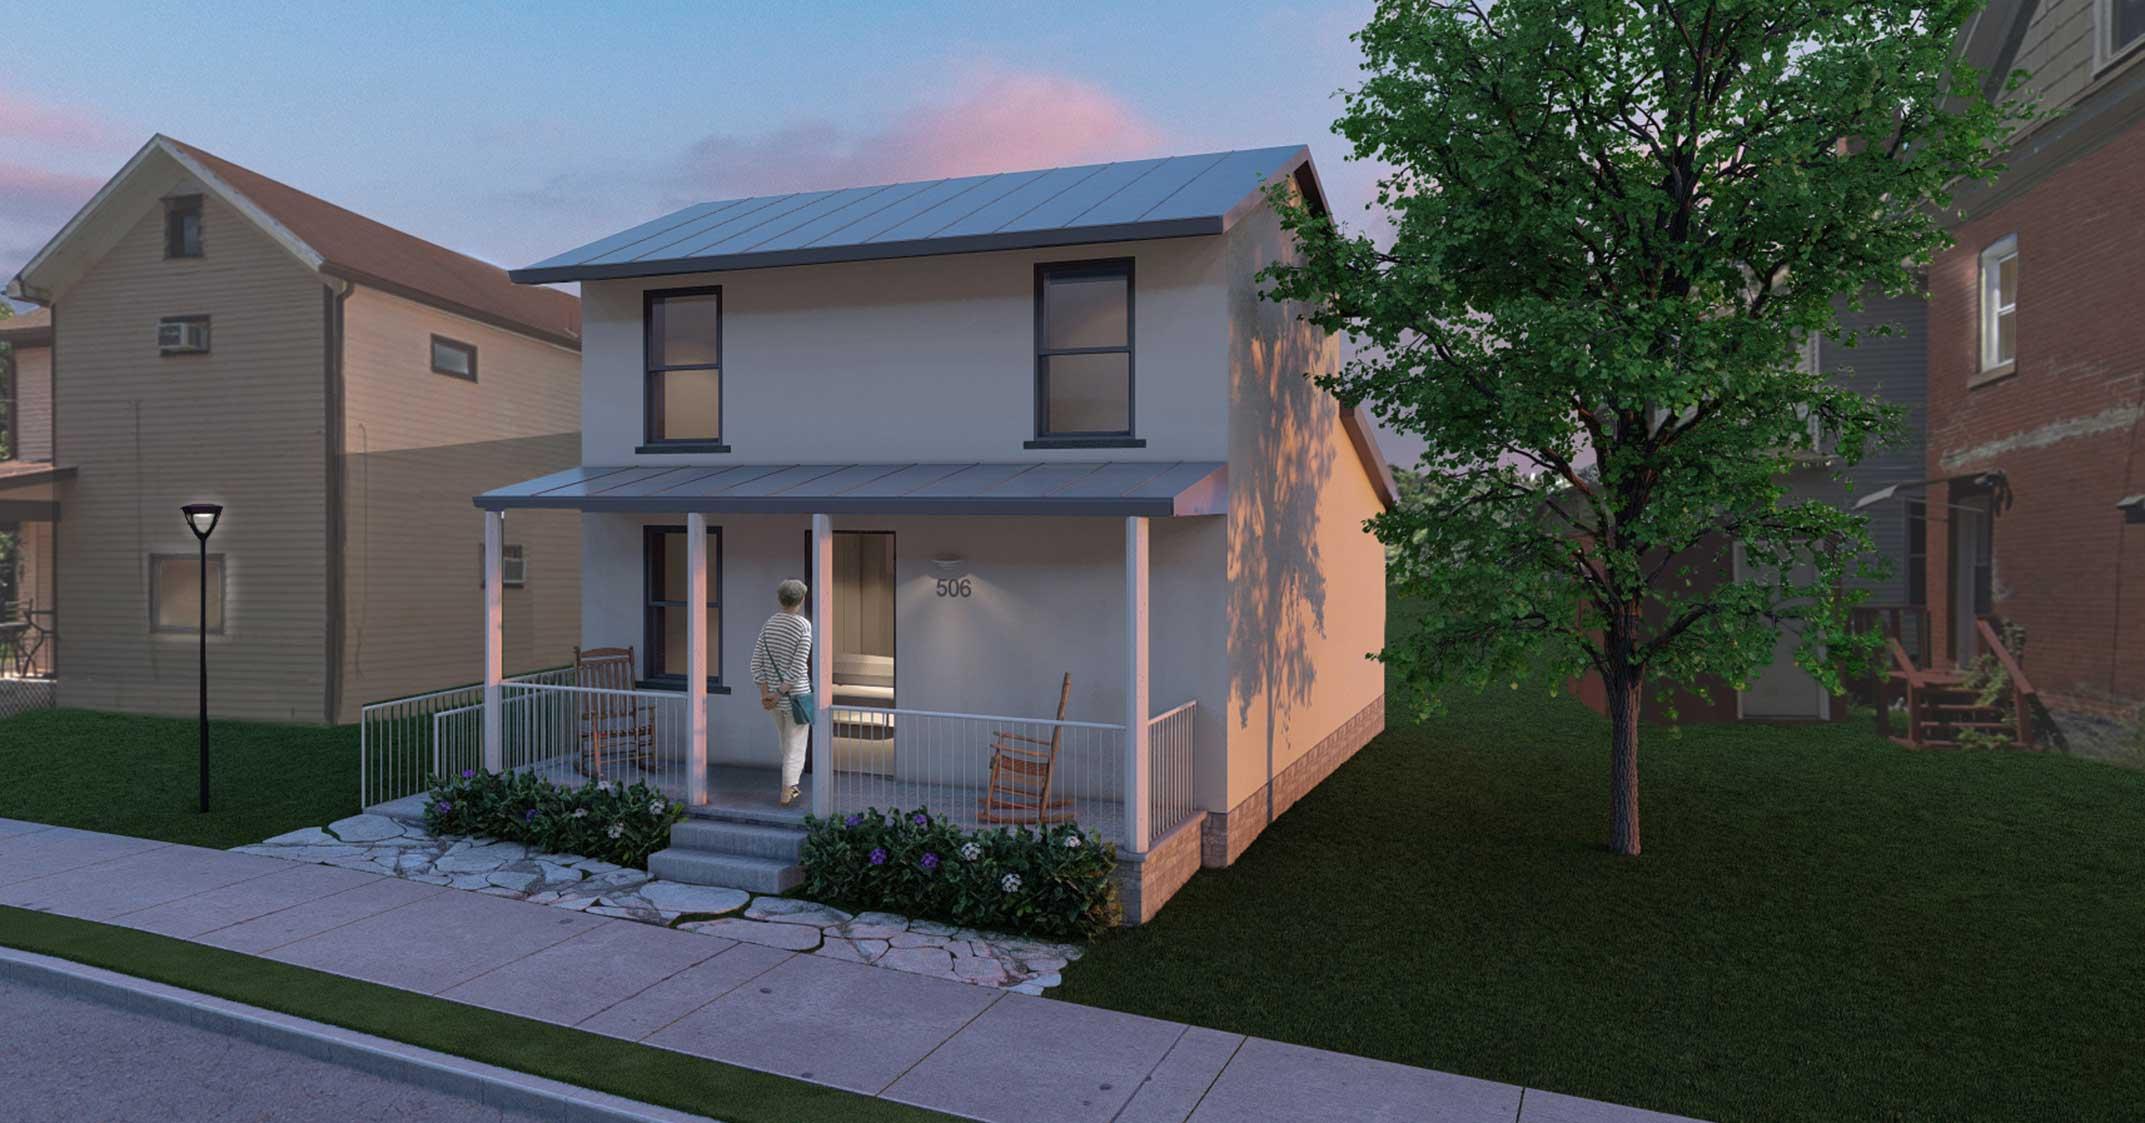 A Healthy Home: PA Hemp House